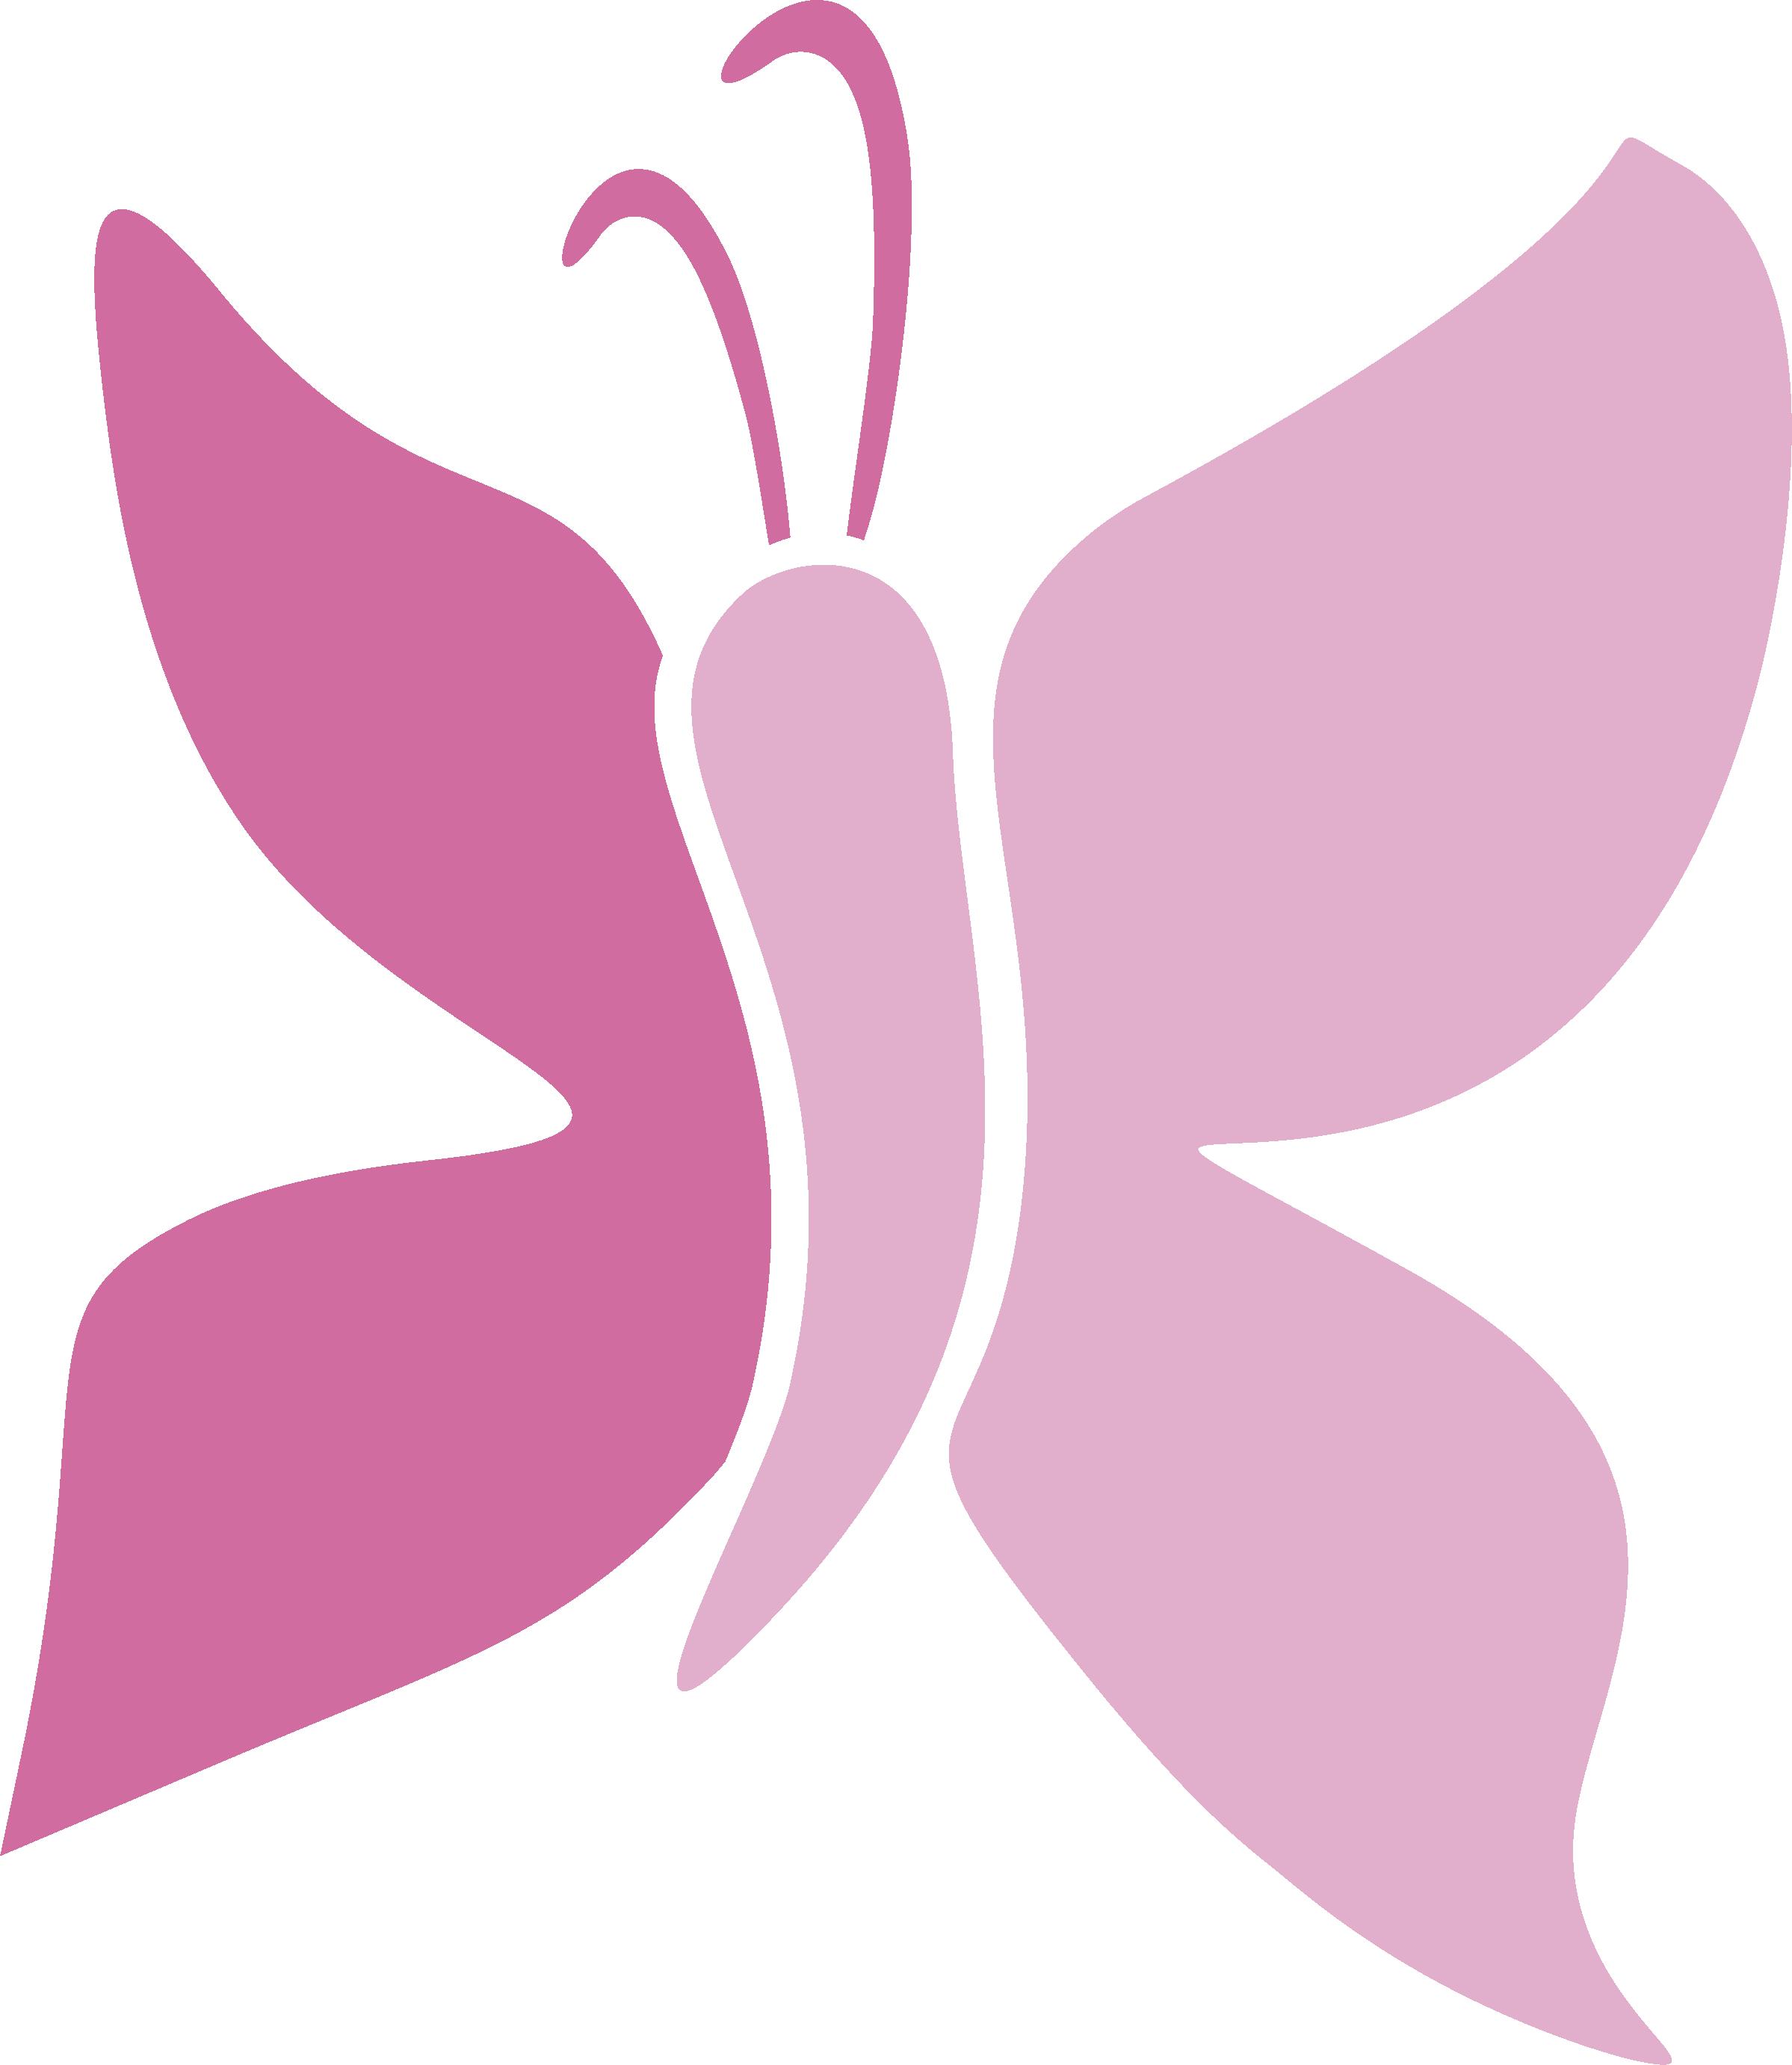 Clip art butterfly beauty. Lightbulb clipart pink